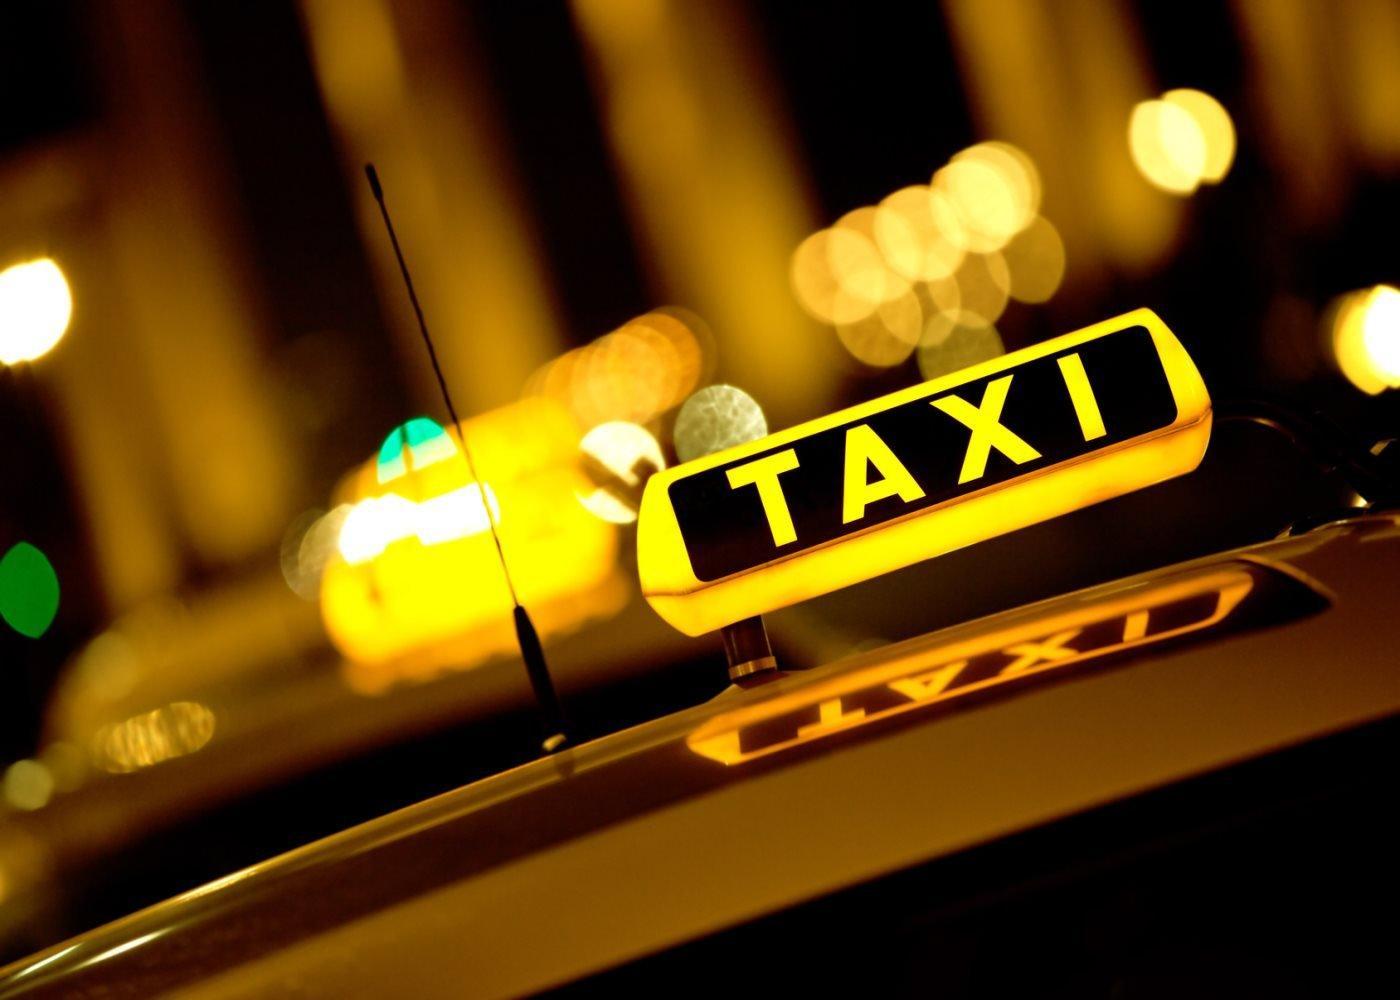 Сравниваем тарифы такси: эконом, комфорт, элитное